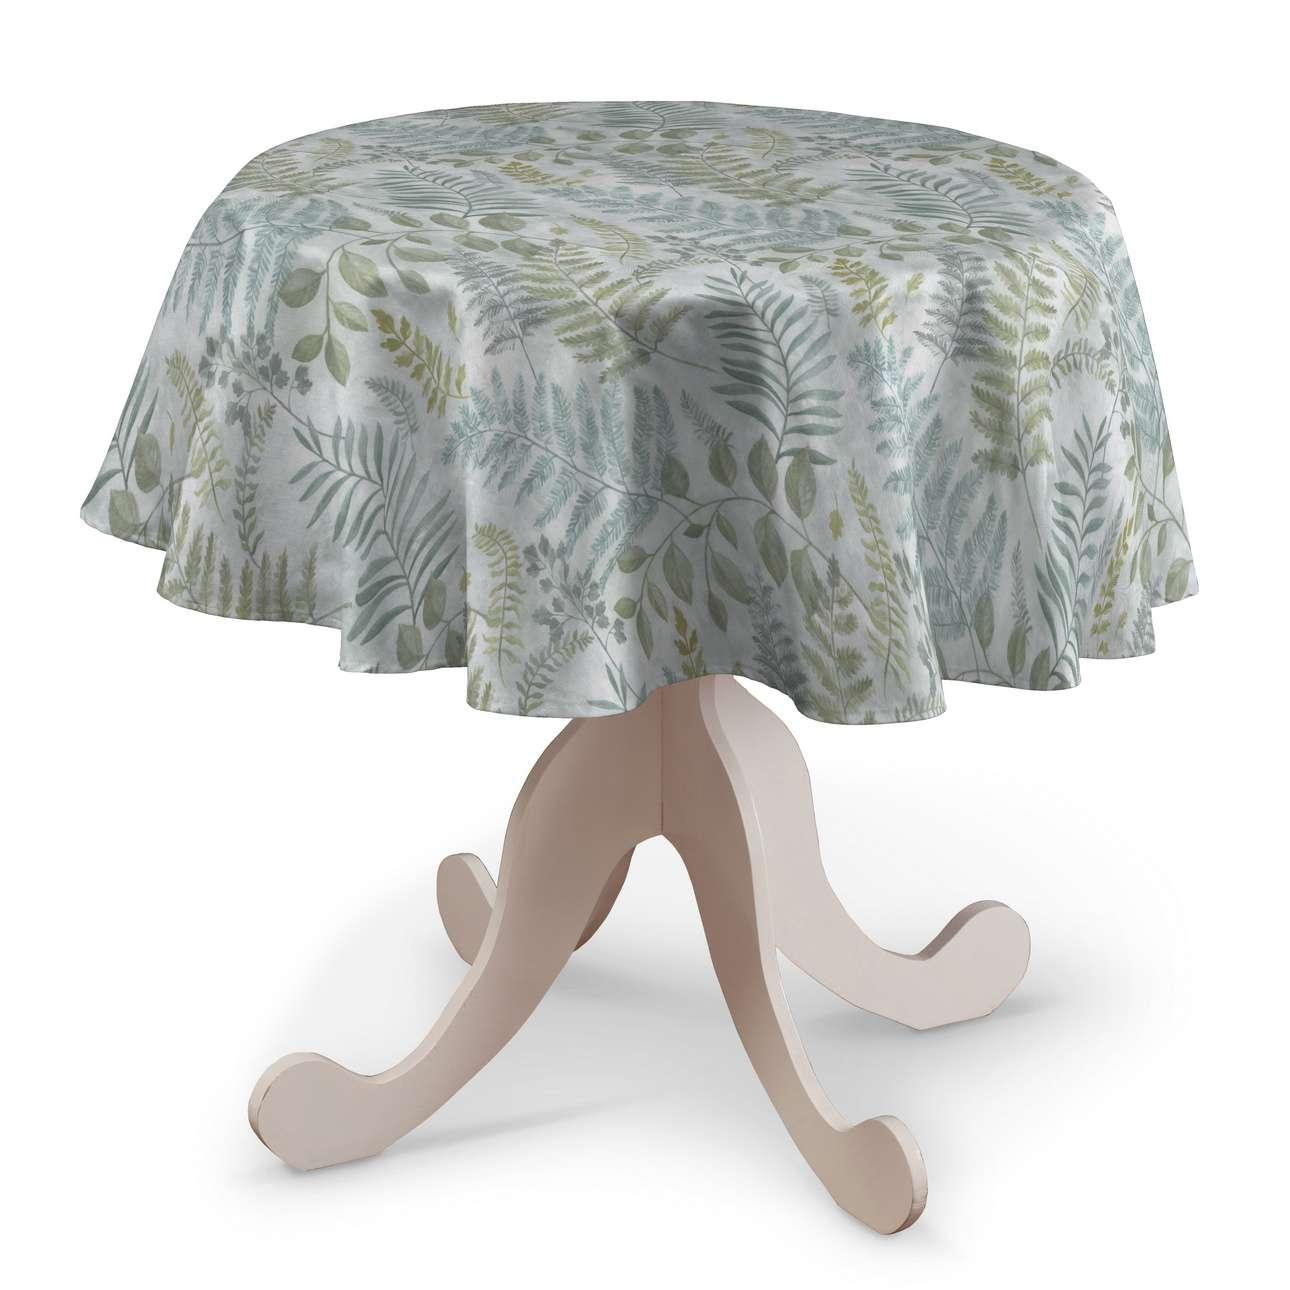 Runde Tischdecke von der Kollektion Pastel Forest, Stoff: 142-46